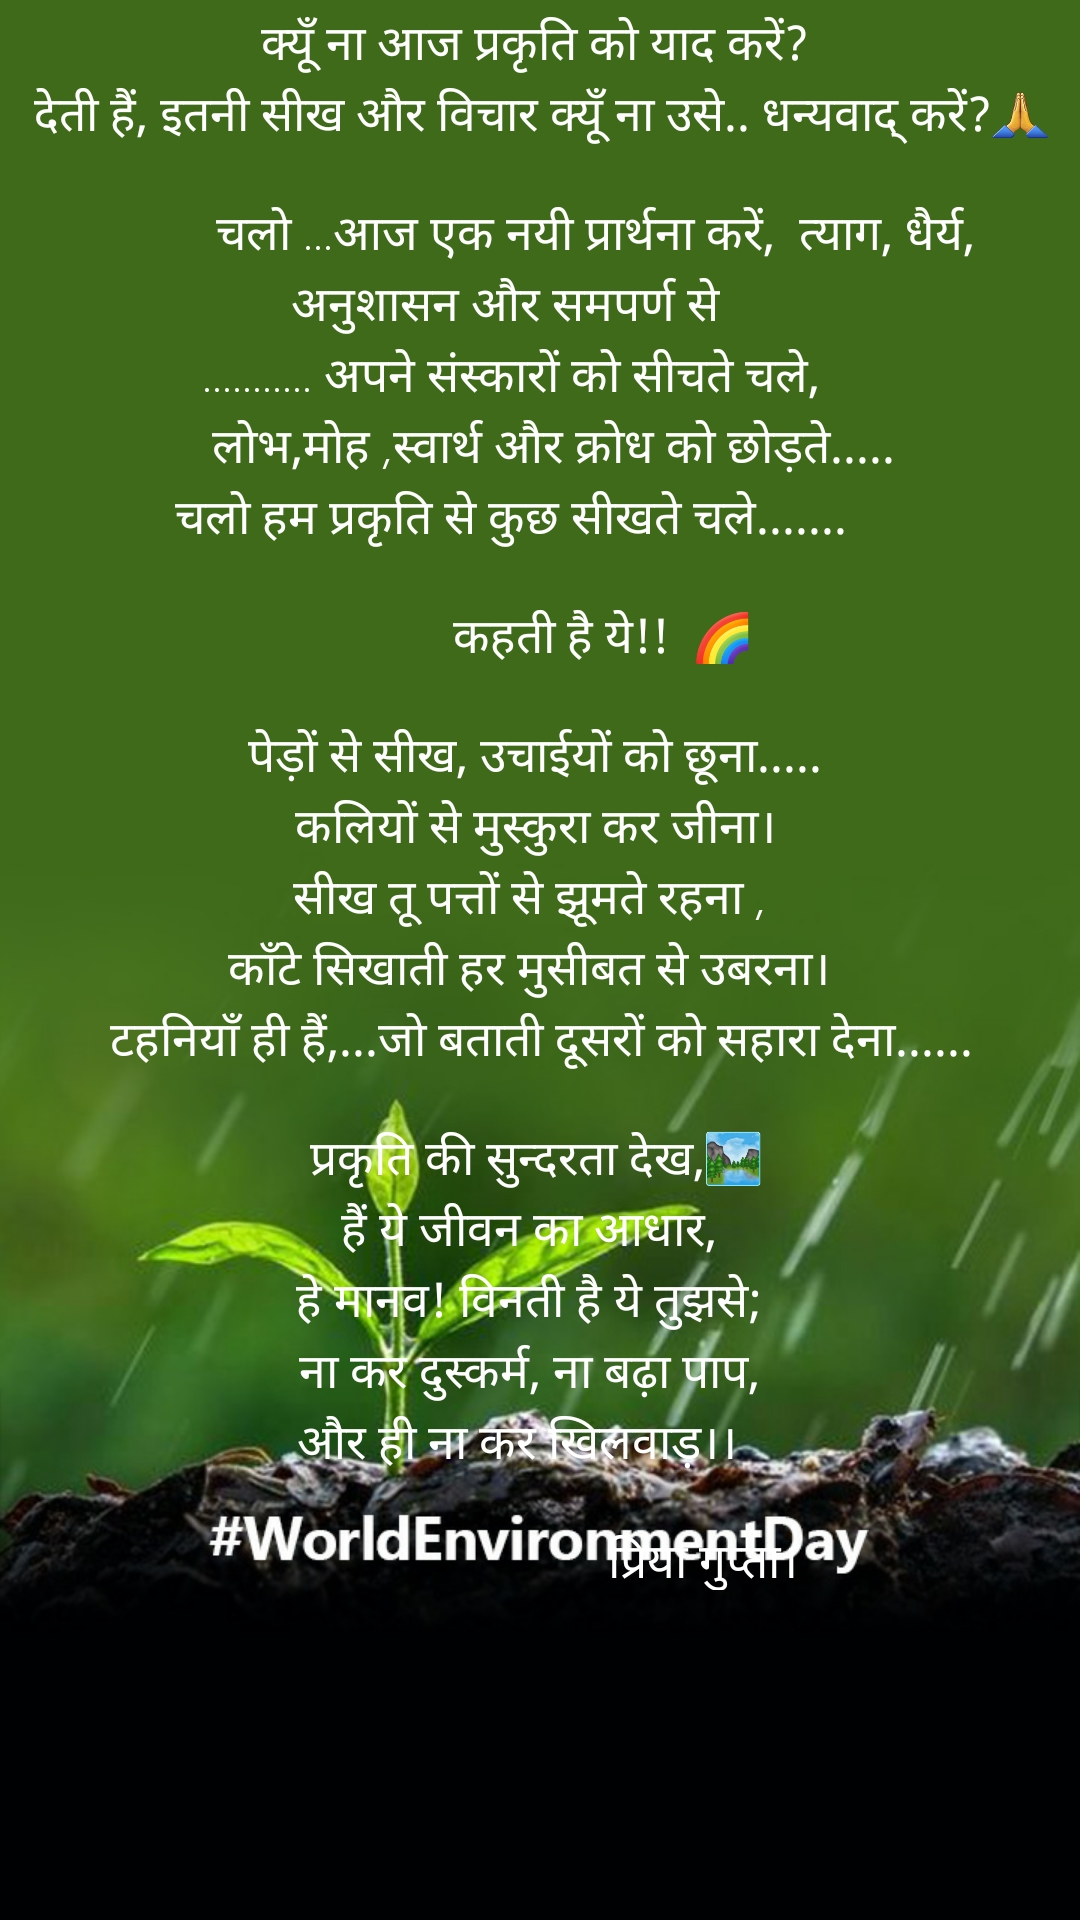 """#WorldEnvironmentDay Happy World environmental Day!!a small message to protect Nature """"!                             """" प्रकृति""""      क्यूँ ना आज प्रकृति को याद करें?      देती हैं, इतनी सीख और विचार क्यूँ ना उसे.. धन्यवाद् करें?🙏                चलो ...आज एक नयी प्रार्थना करें,  त्याग, धैर्य, अनुशासन और समपर्ण से  ........... अपने संस्कारों को सीचते चले,        लोभ,मोह ,स्वार्थ और क्रोध को छोड़ते..... चलो हम प्रकृति से कुछ सीखते चले.......                  कहती है ये!!  🌈      पेड़ों से सीख, उचाईयों को छूना.....     कलियों से मुस्कुरा कर जीना।    सीख तू पत्तों से झूमते रहना ,    काँटे सिखाती हर मुसीबत से उबरना।      टहनियाँ ही हैं,...जो बताती दूसरों को सहारा देना......      प्रकृति की सुन्दरता देख,🏞    हैं ये जीवन का आधार,    हे मानव! विनती है ये तुझसे;    ना कर दुस्कर्म, ना बढ़ा पाप,  और ही ना कर खिलवाड़।।                                                   प्रिया गुप्ता।"""